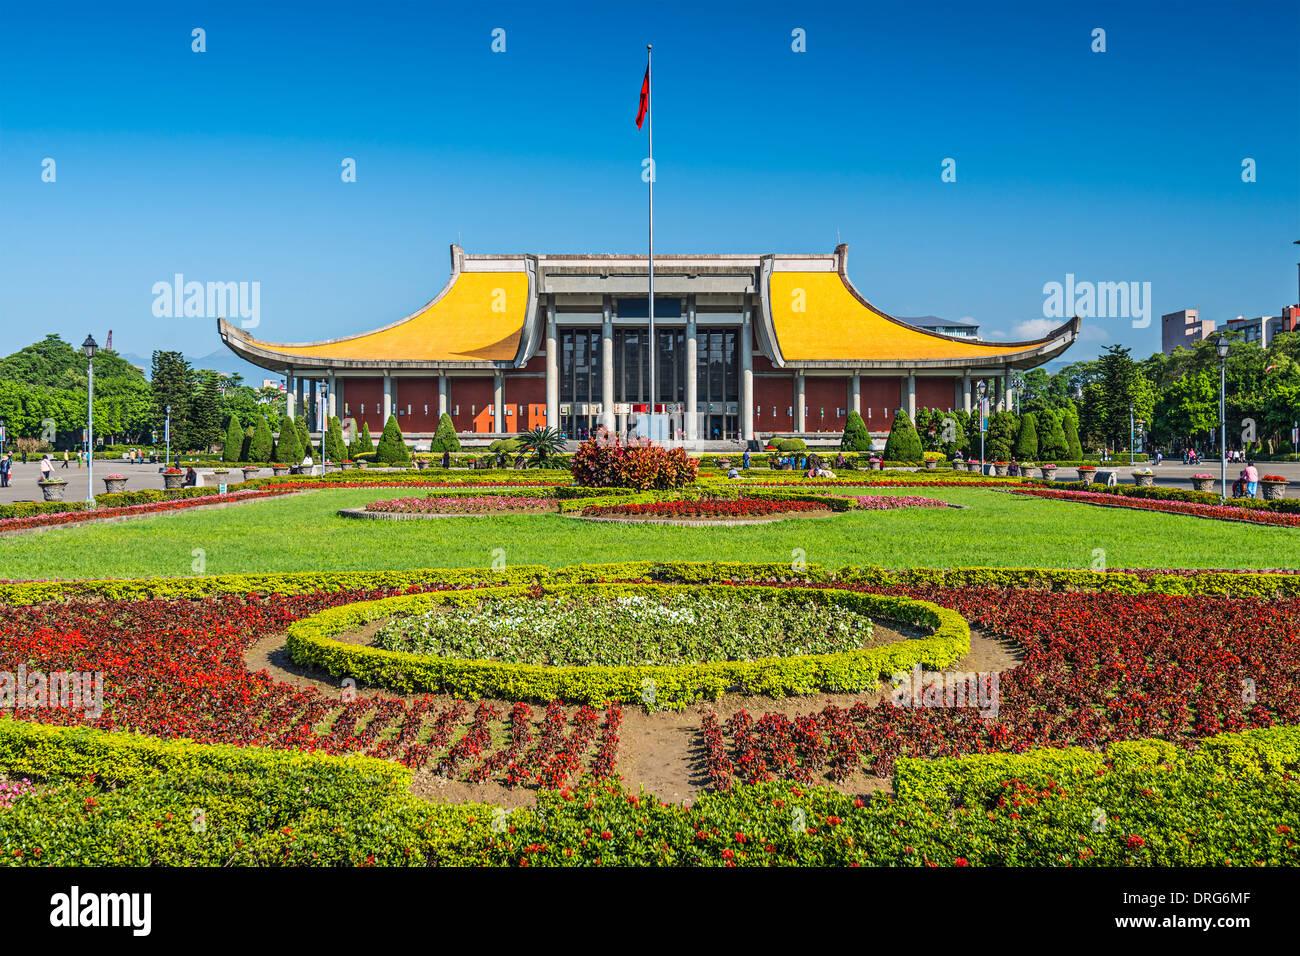 Taipei, Taiwan at Dr. Sun Yat-sen Memorial Hall gardens. - Stock Image